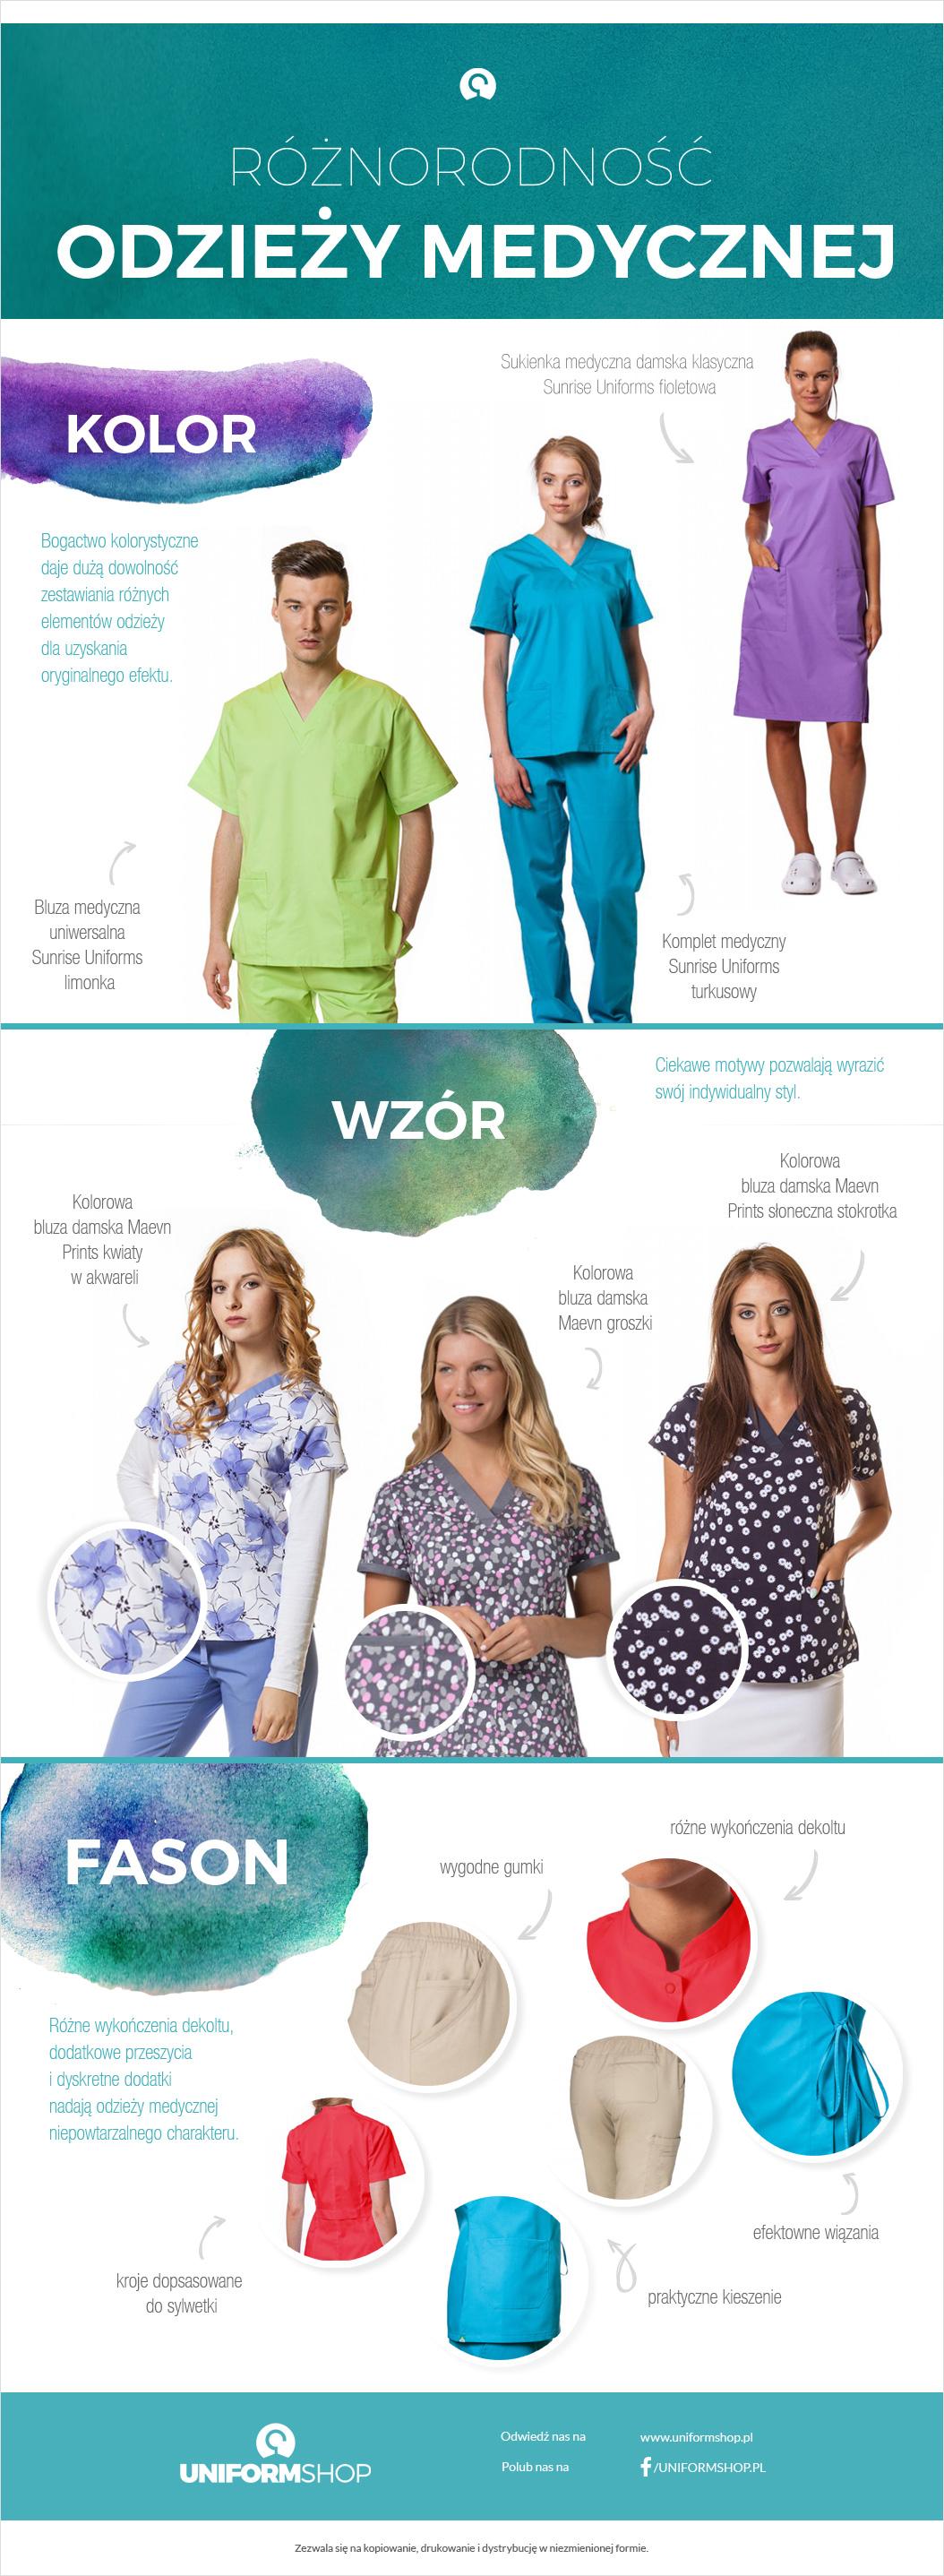 Różnorodność odzieży medycznej